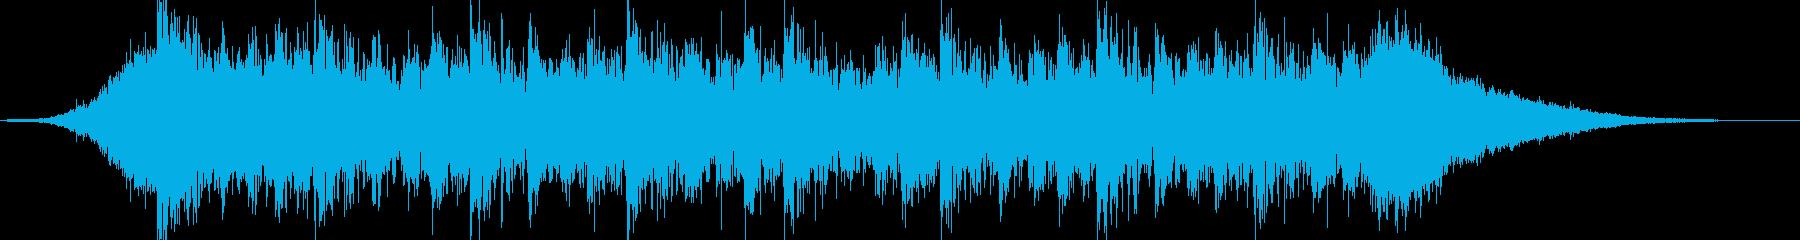 企業VPや映像36、壮大、オーケストラcの再生済みの波形